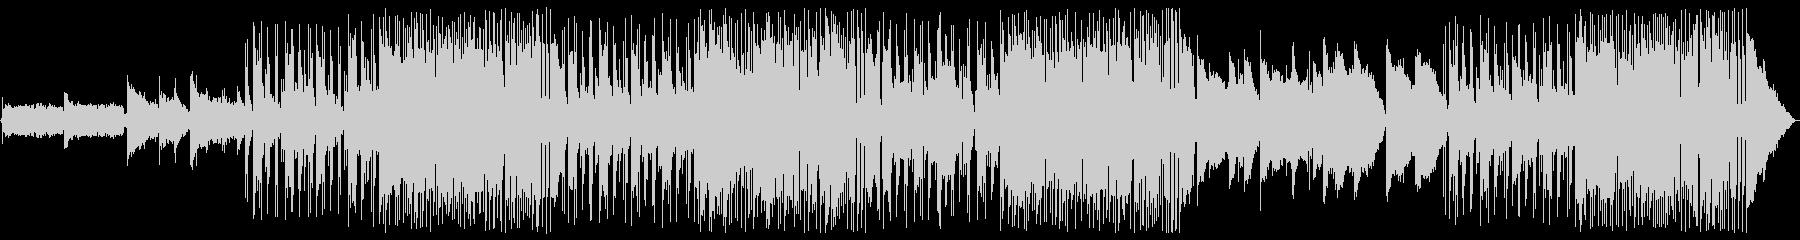 シンプルなギターフュージョンの未再生の波形